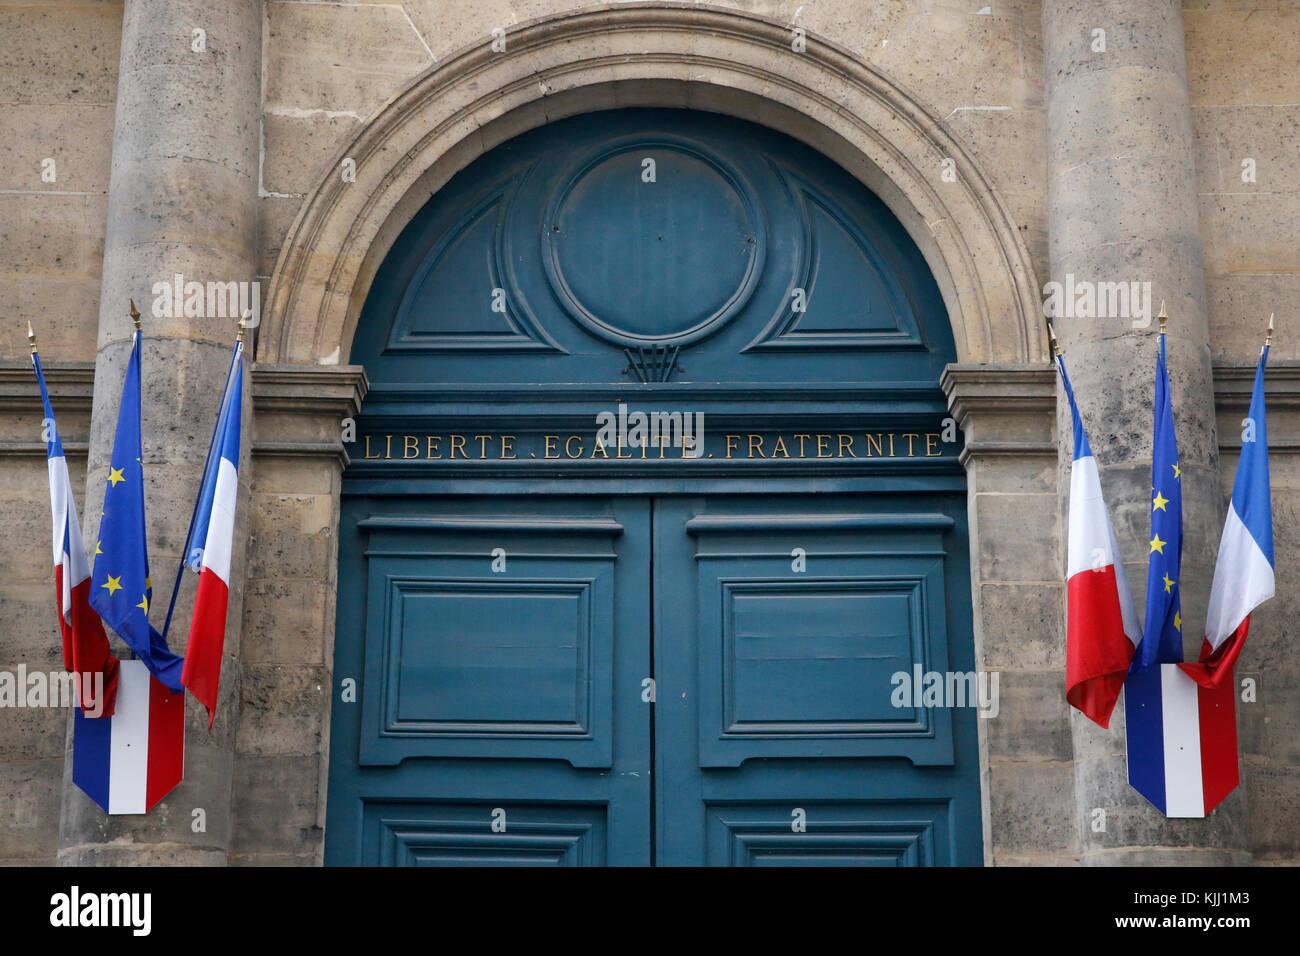 Républicain Français devise: Liberté, Égalité, Fraternité. La France. Photo Stock